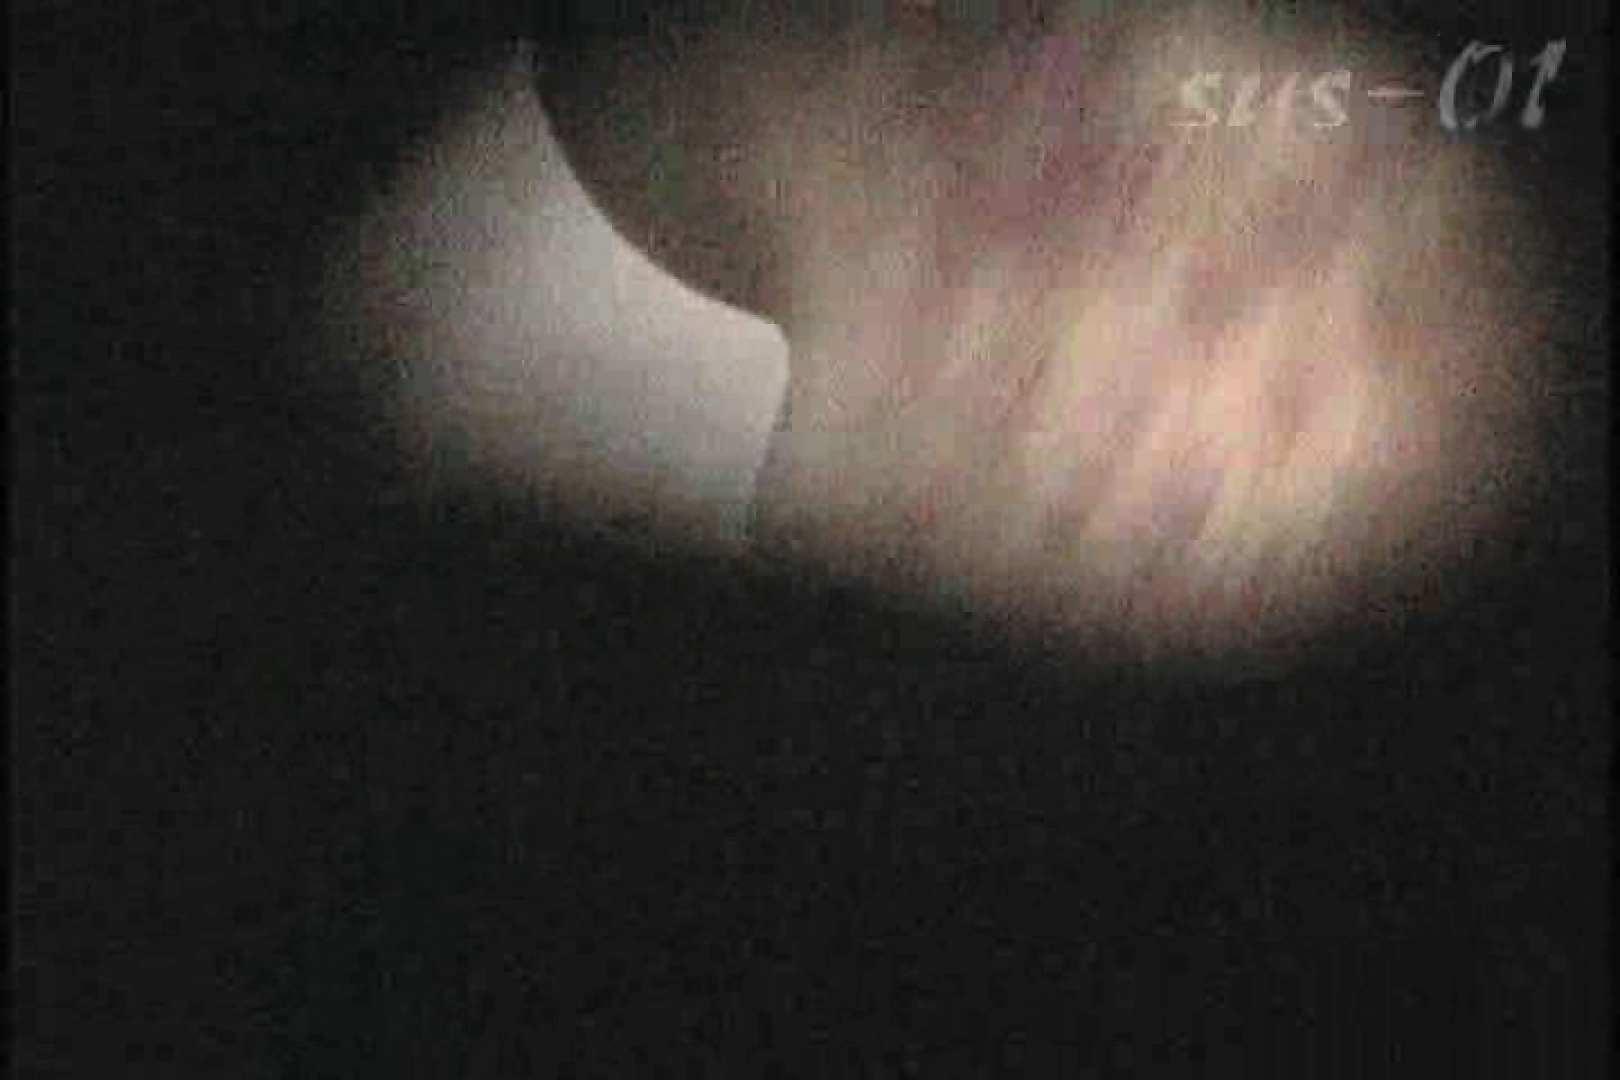 サターンさんのウル技炸裂!!夏乙女★海の家シャワー室絵巻 Vol.01 シャワー | 乙女もsex  108枚 88